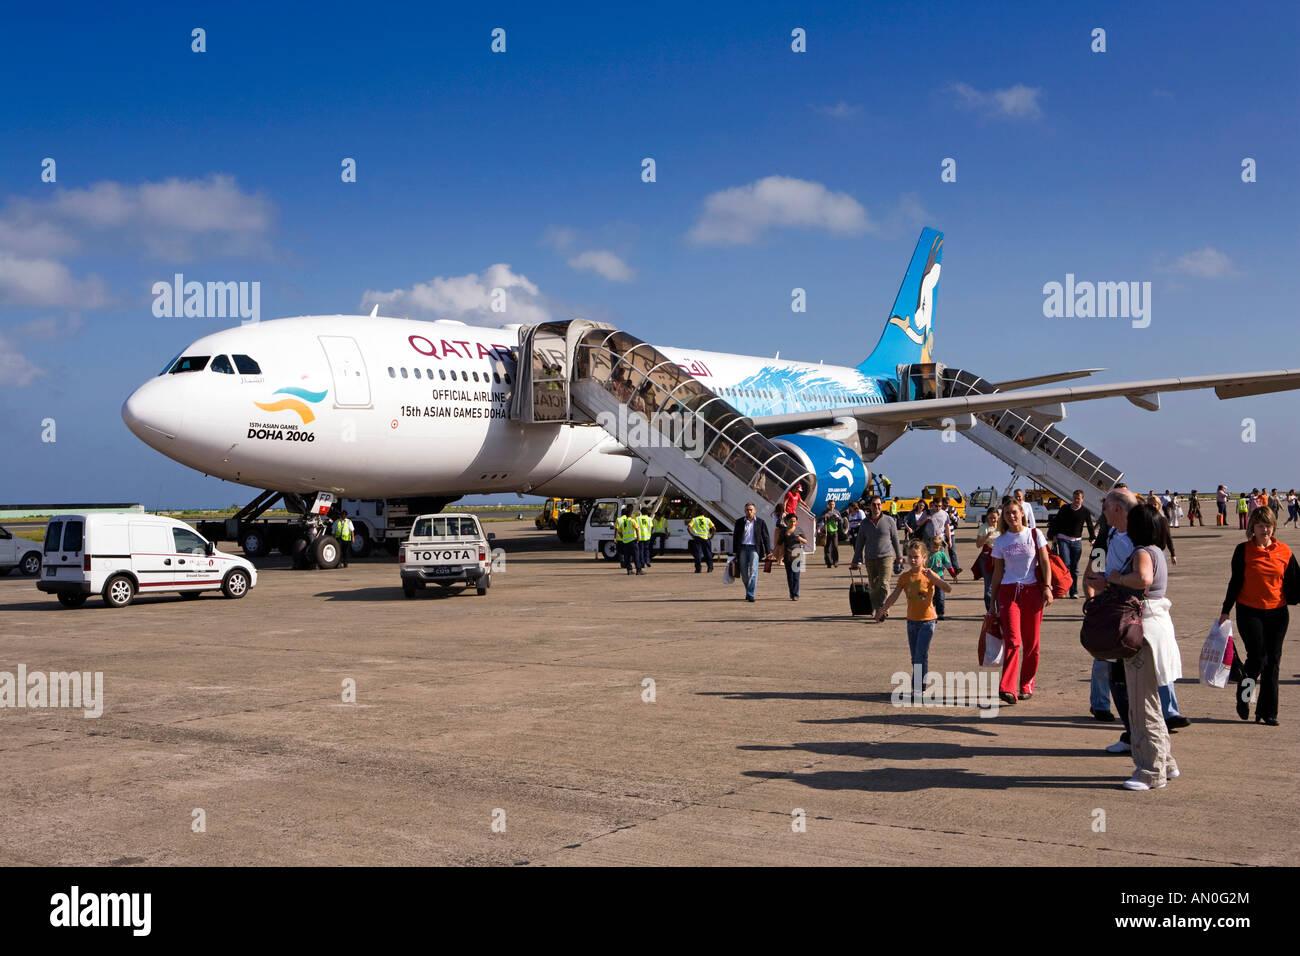 Aeroporto Male Maldive : Maldives male international airport passengers on apron leaving